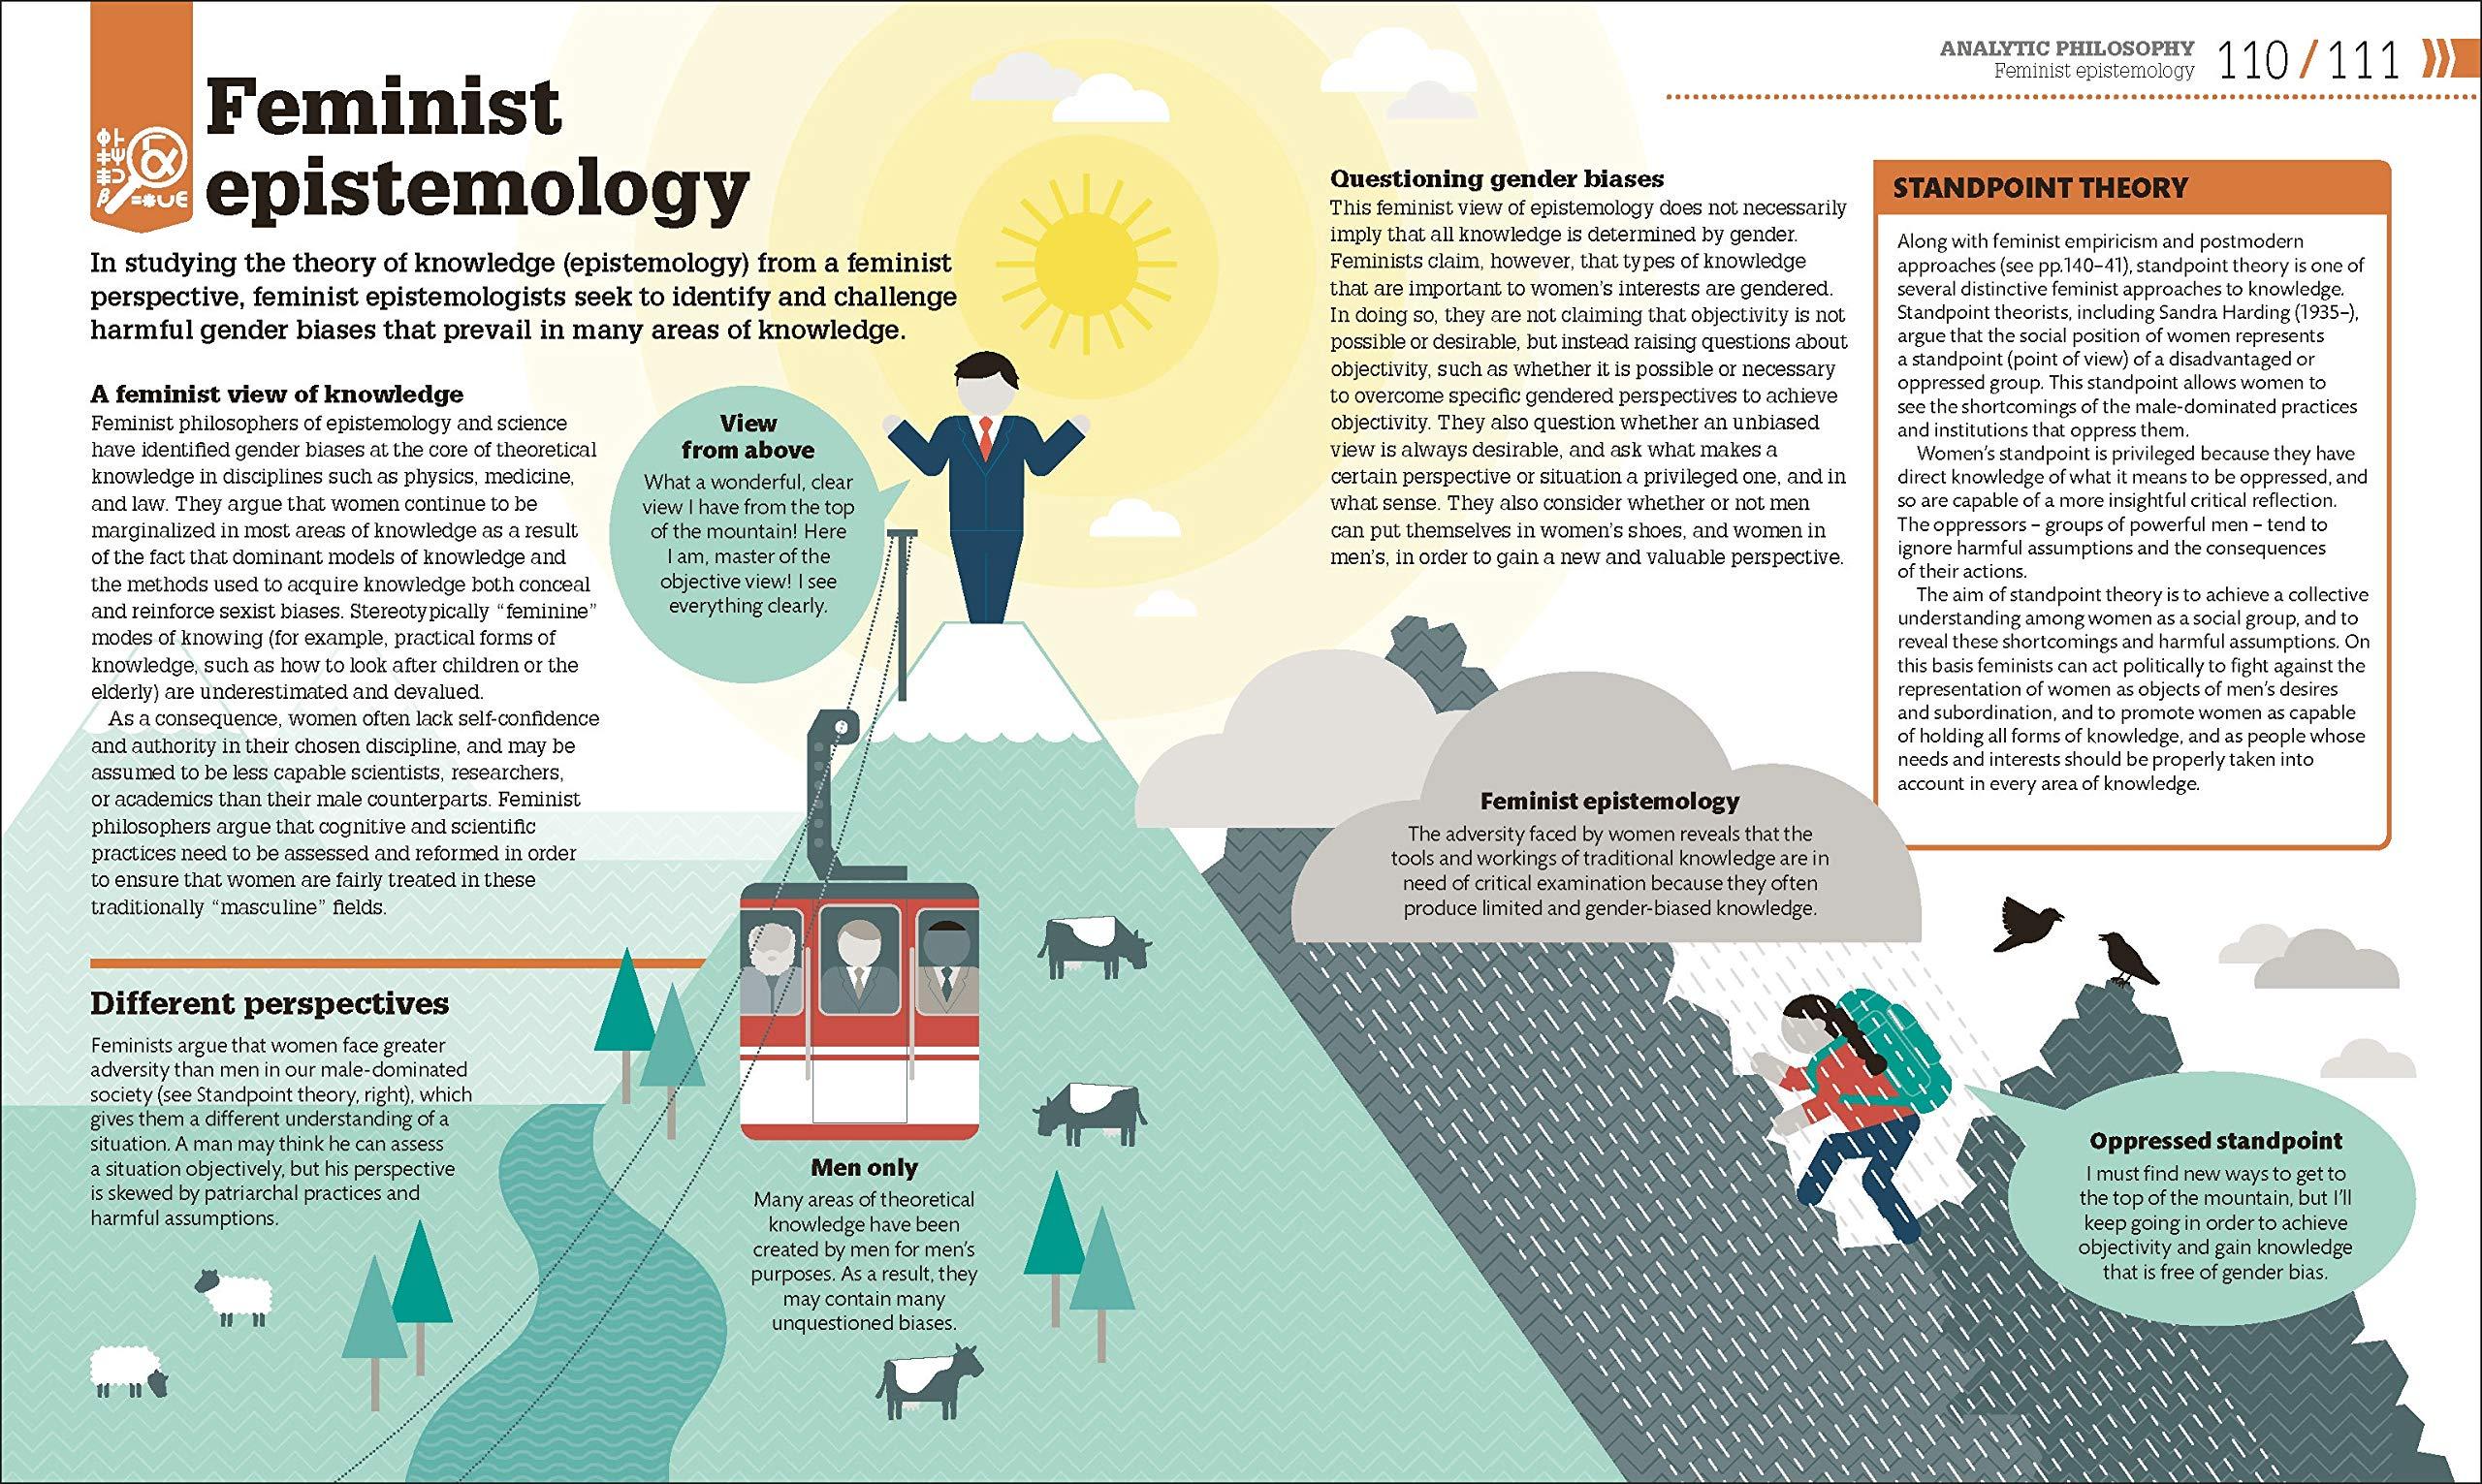 [文閲原版]DK How Philosophy Works: The concepts visually explain